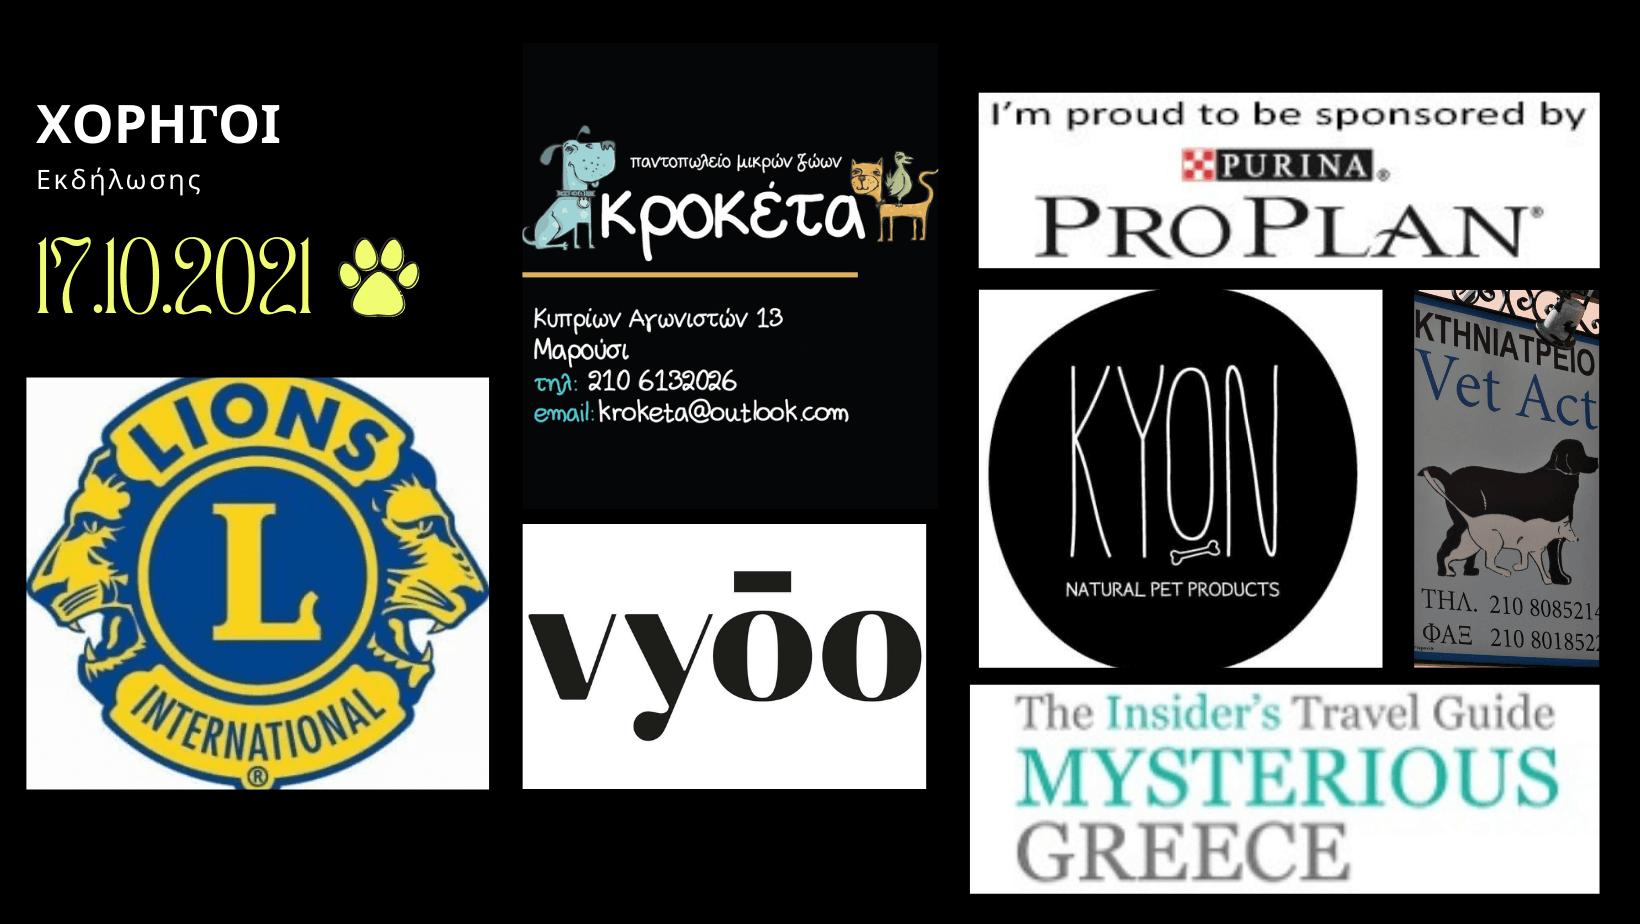 λογότυπα χορηγών εκδήλωσης